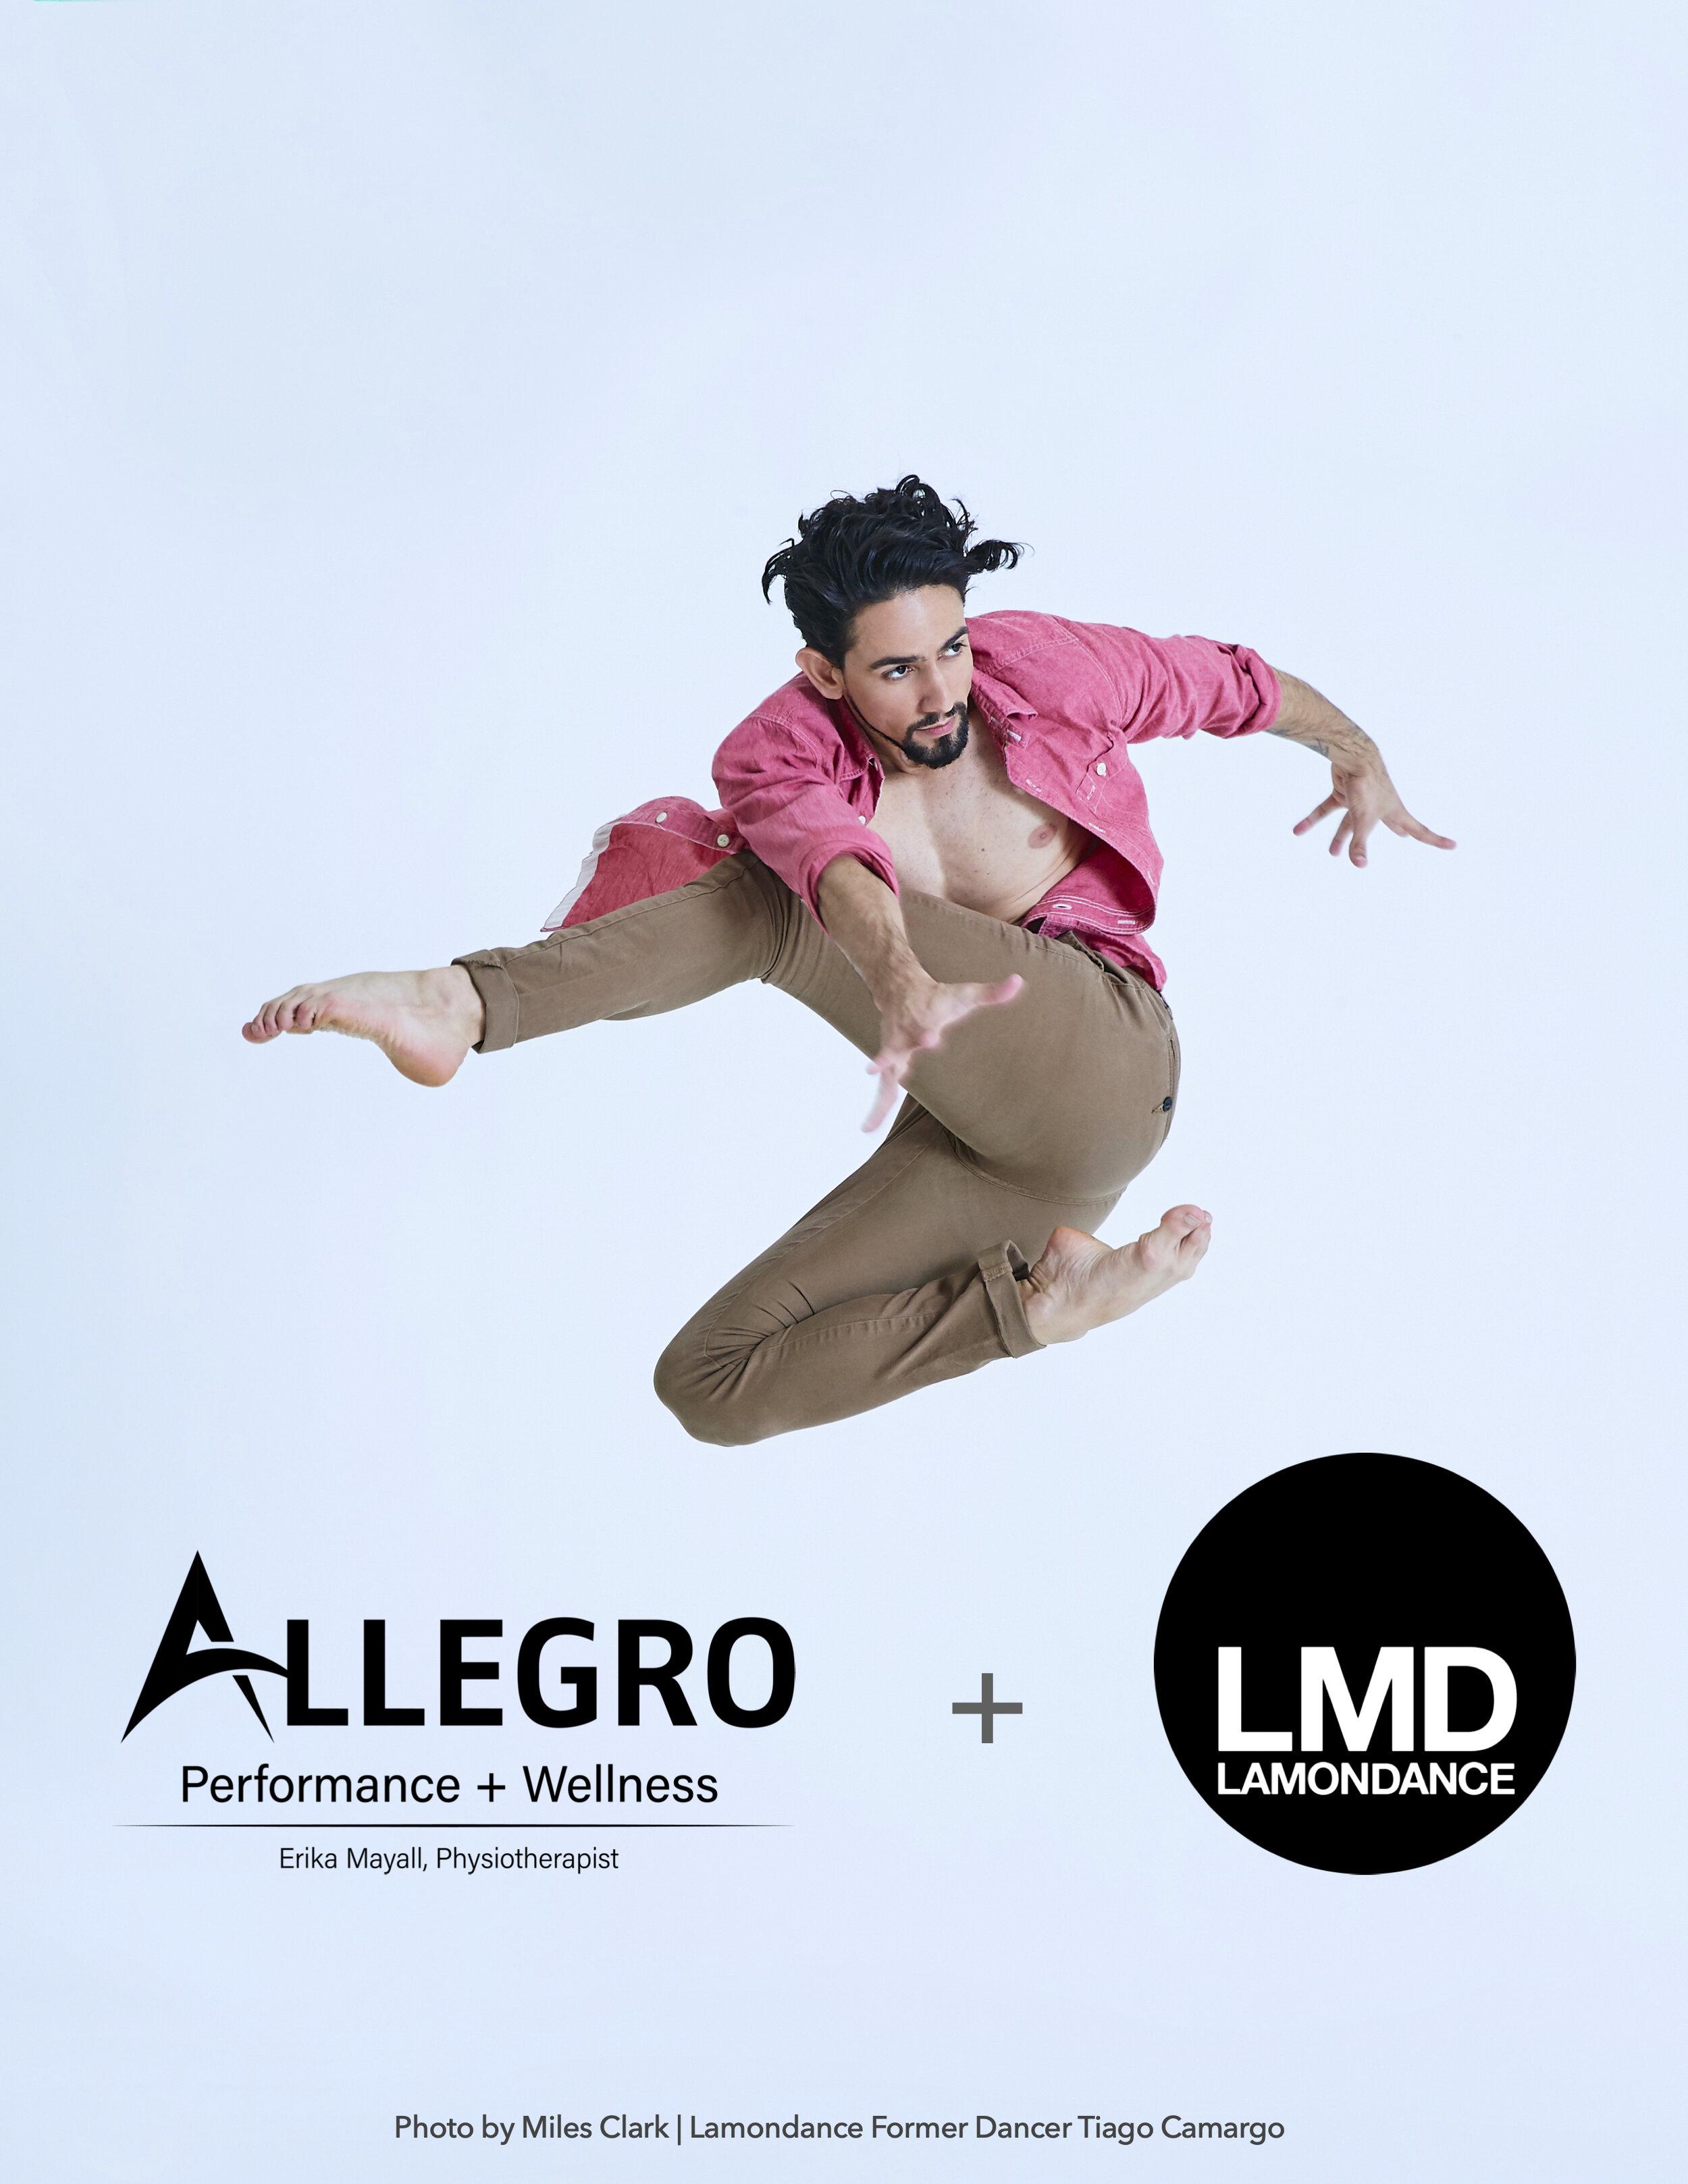 Allegro+LMD.jpg